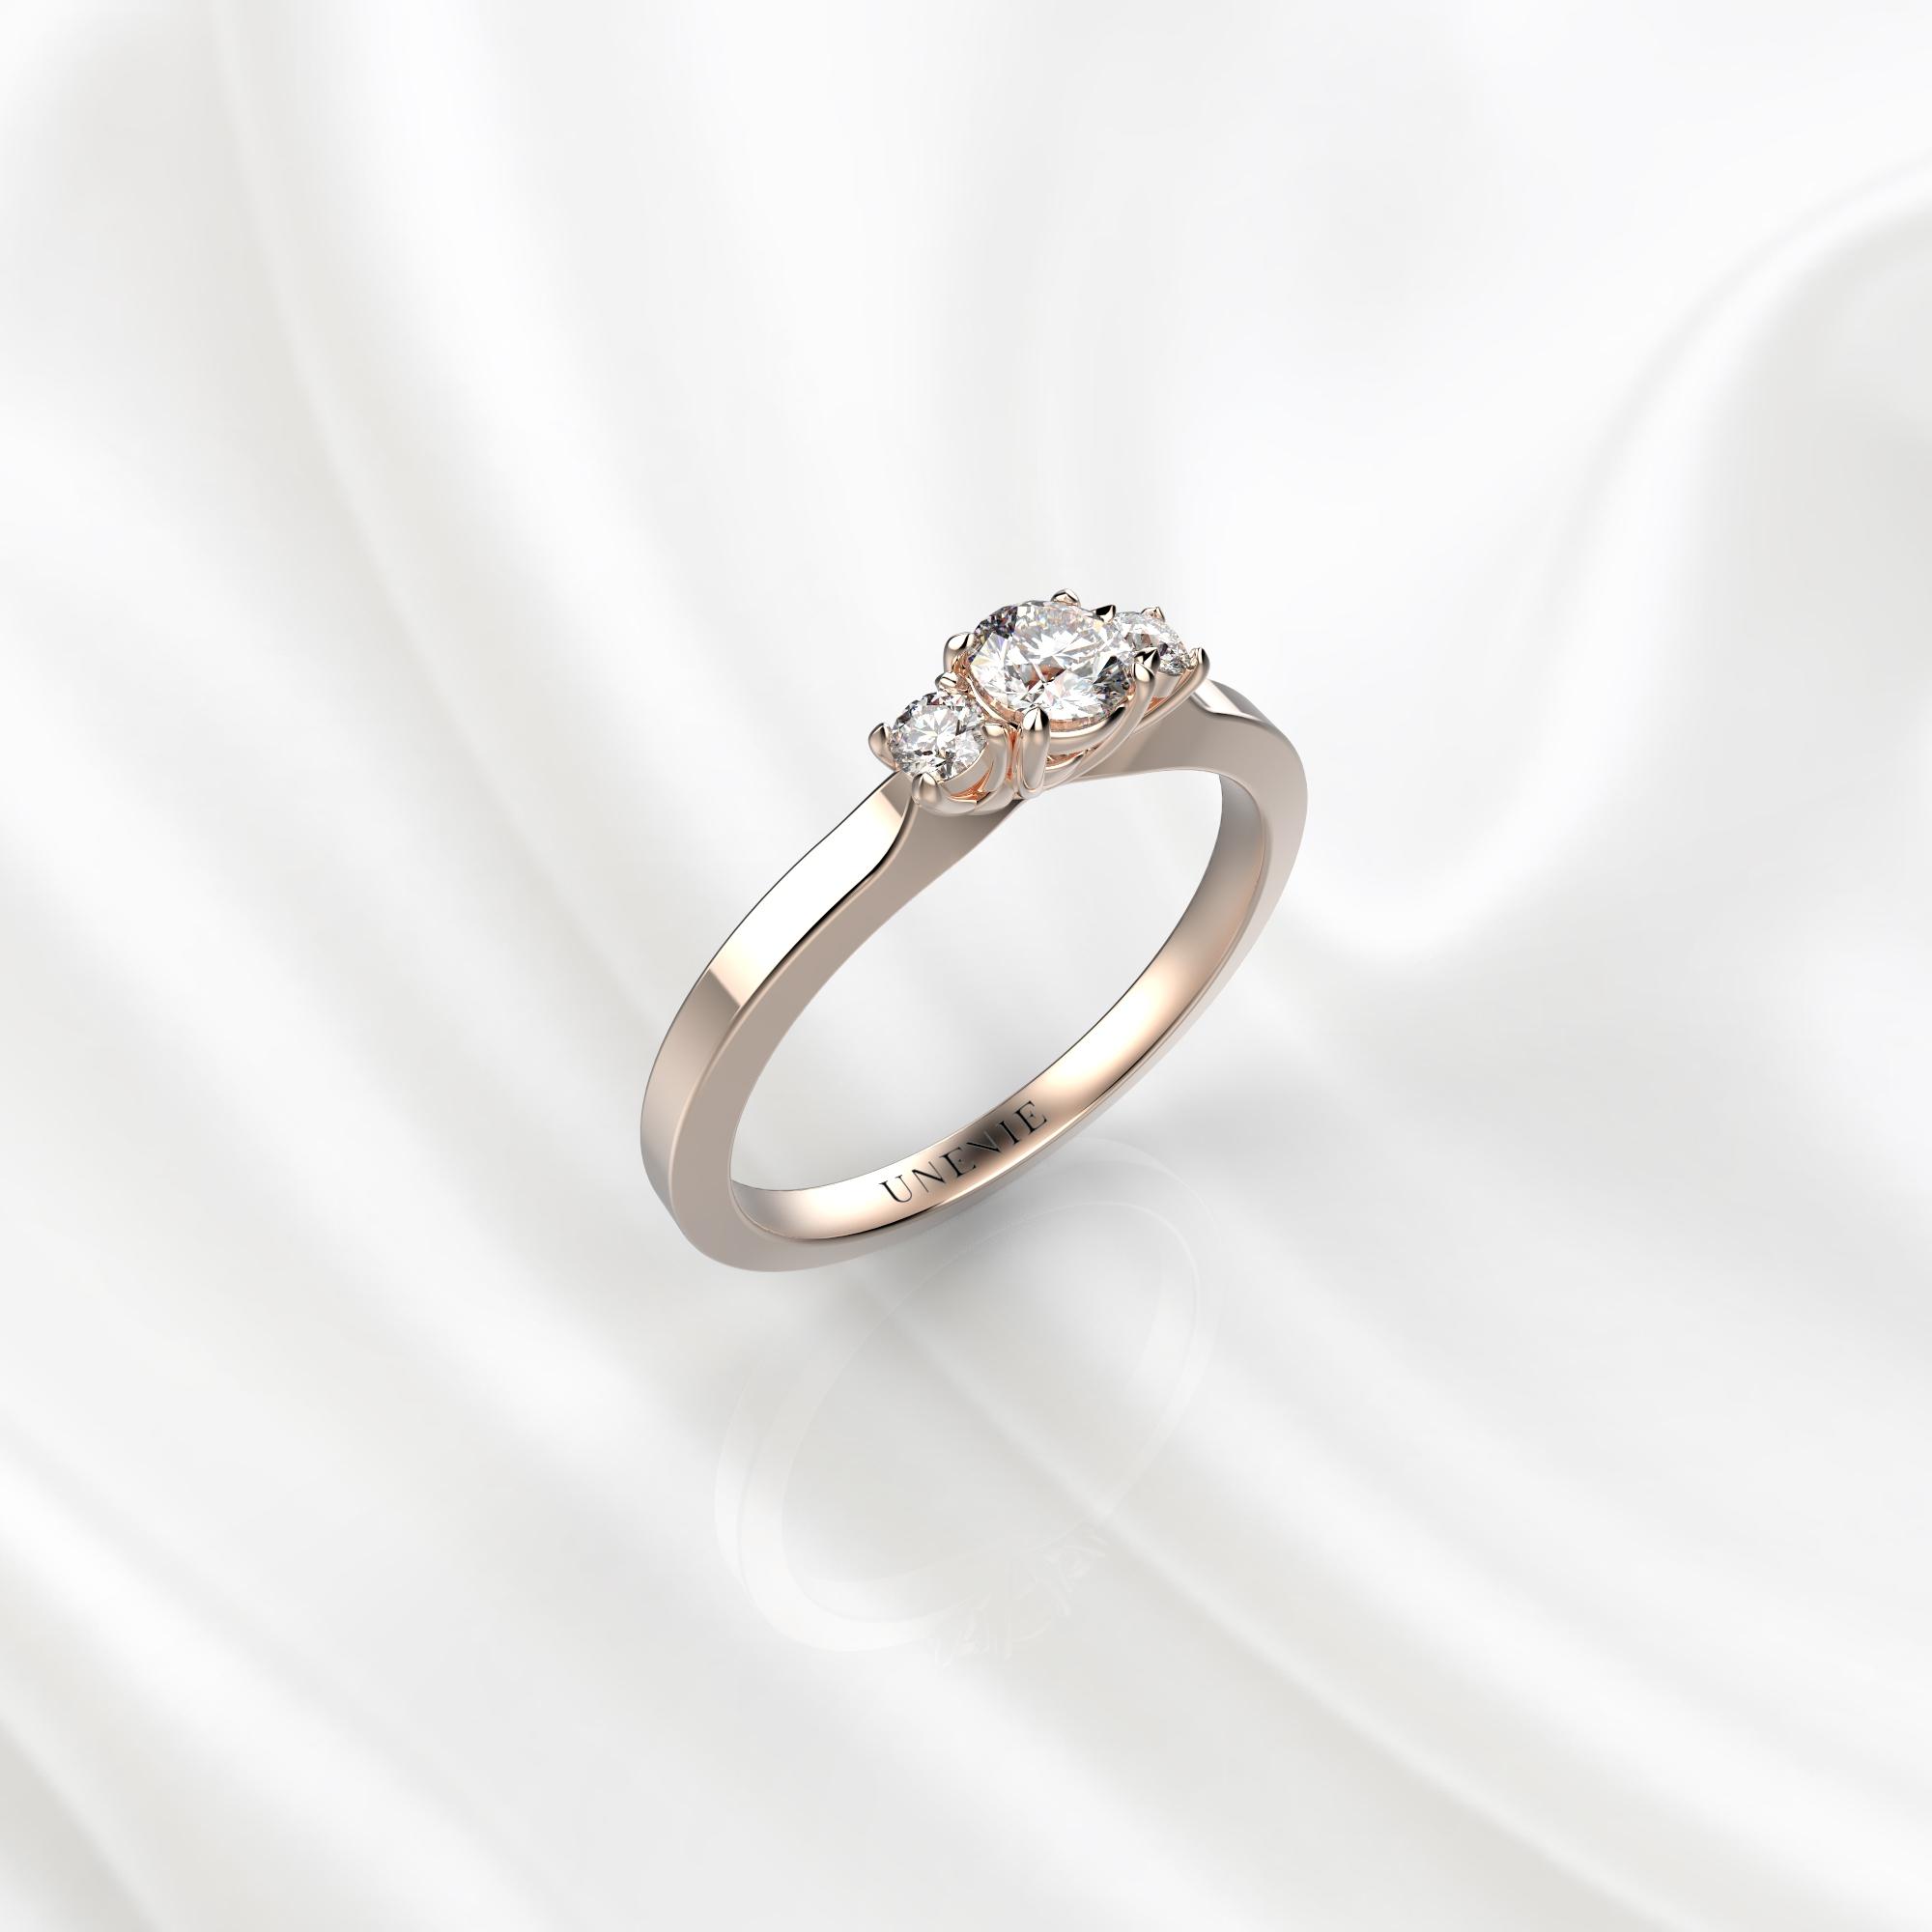 N23 Помолвочное кольцо из розового золота с бриллиантами